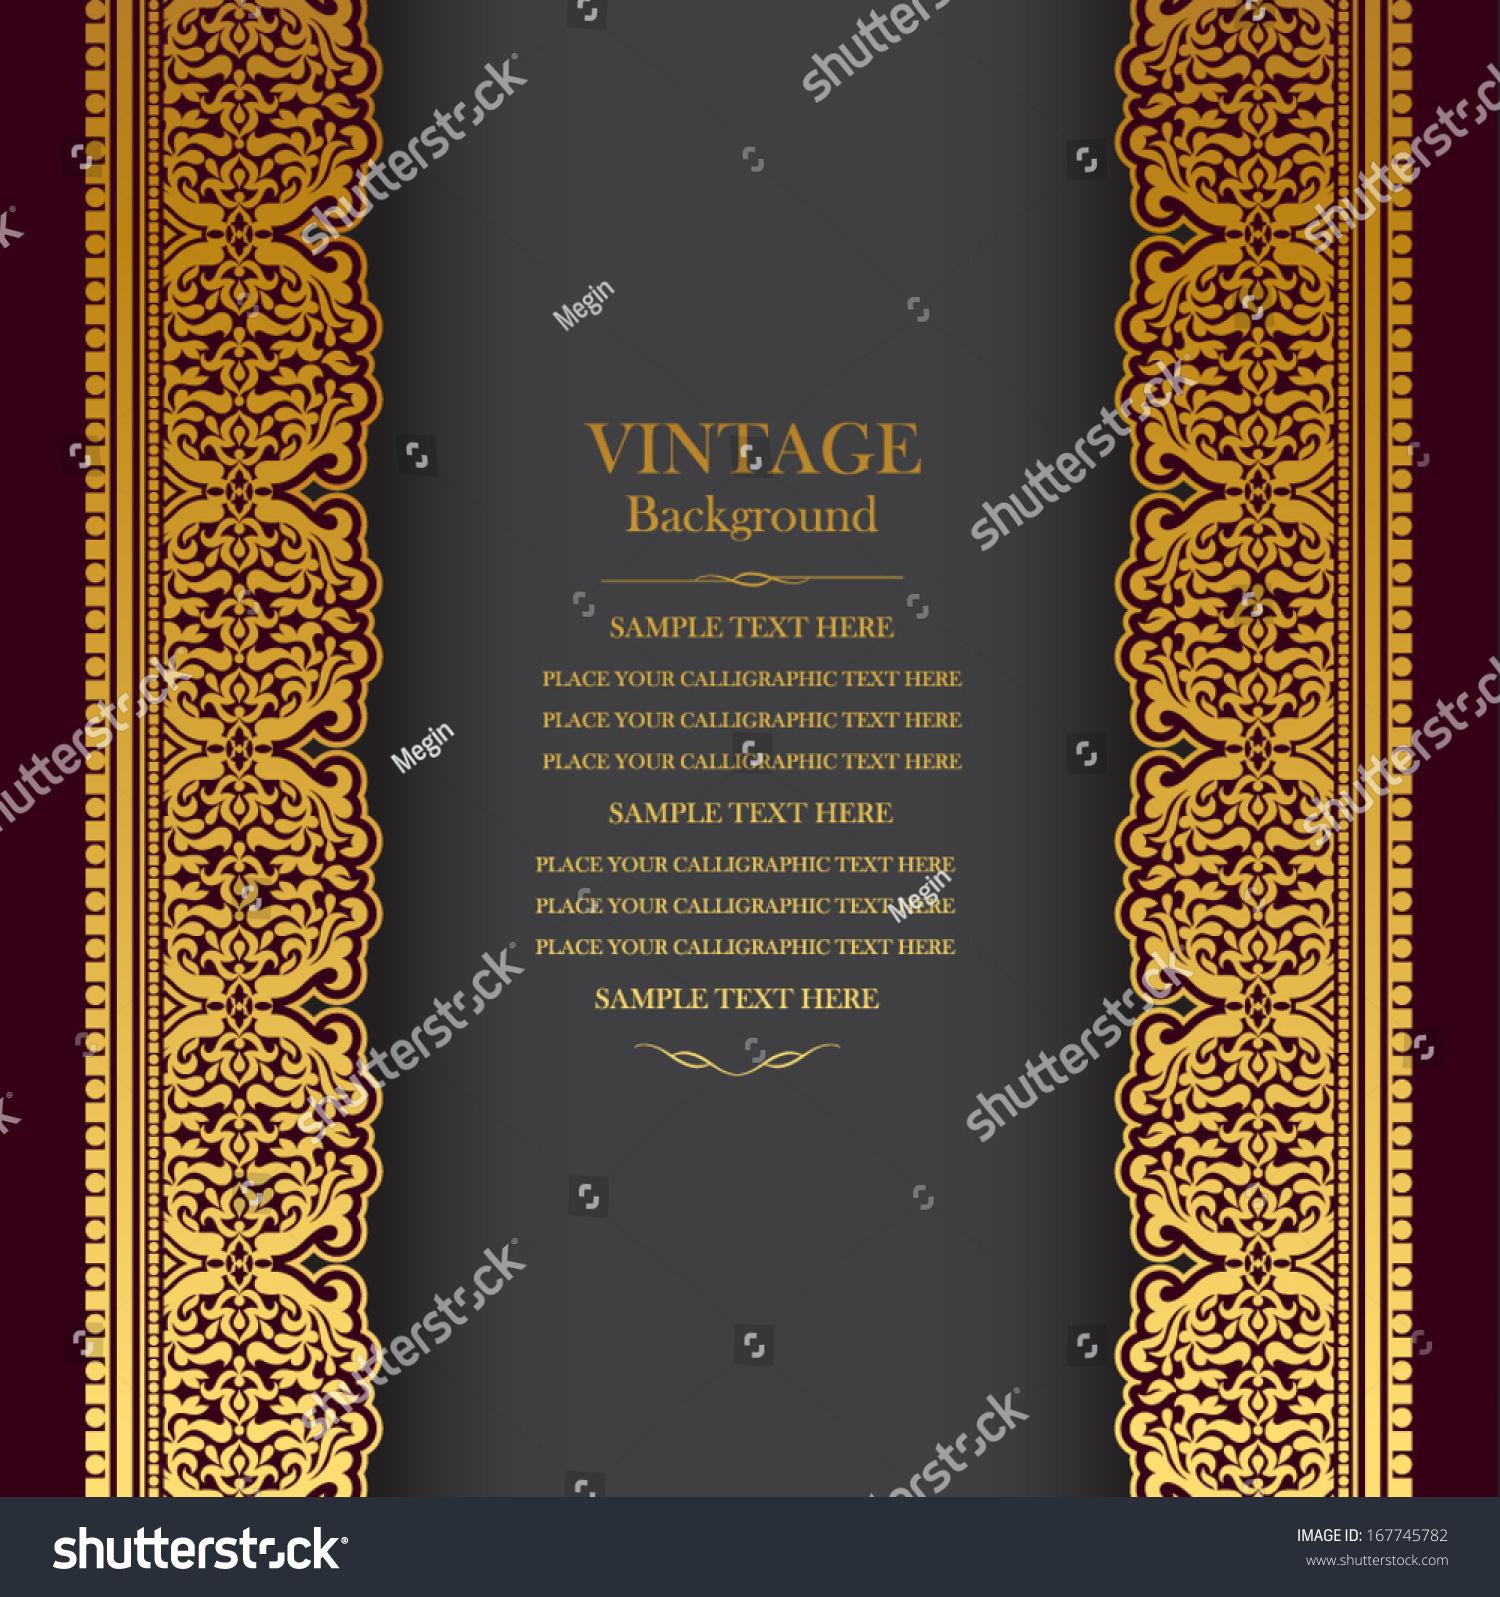 vintage background design elegant book cover stock vector 167745782